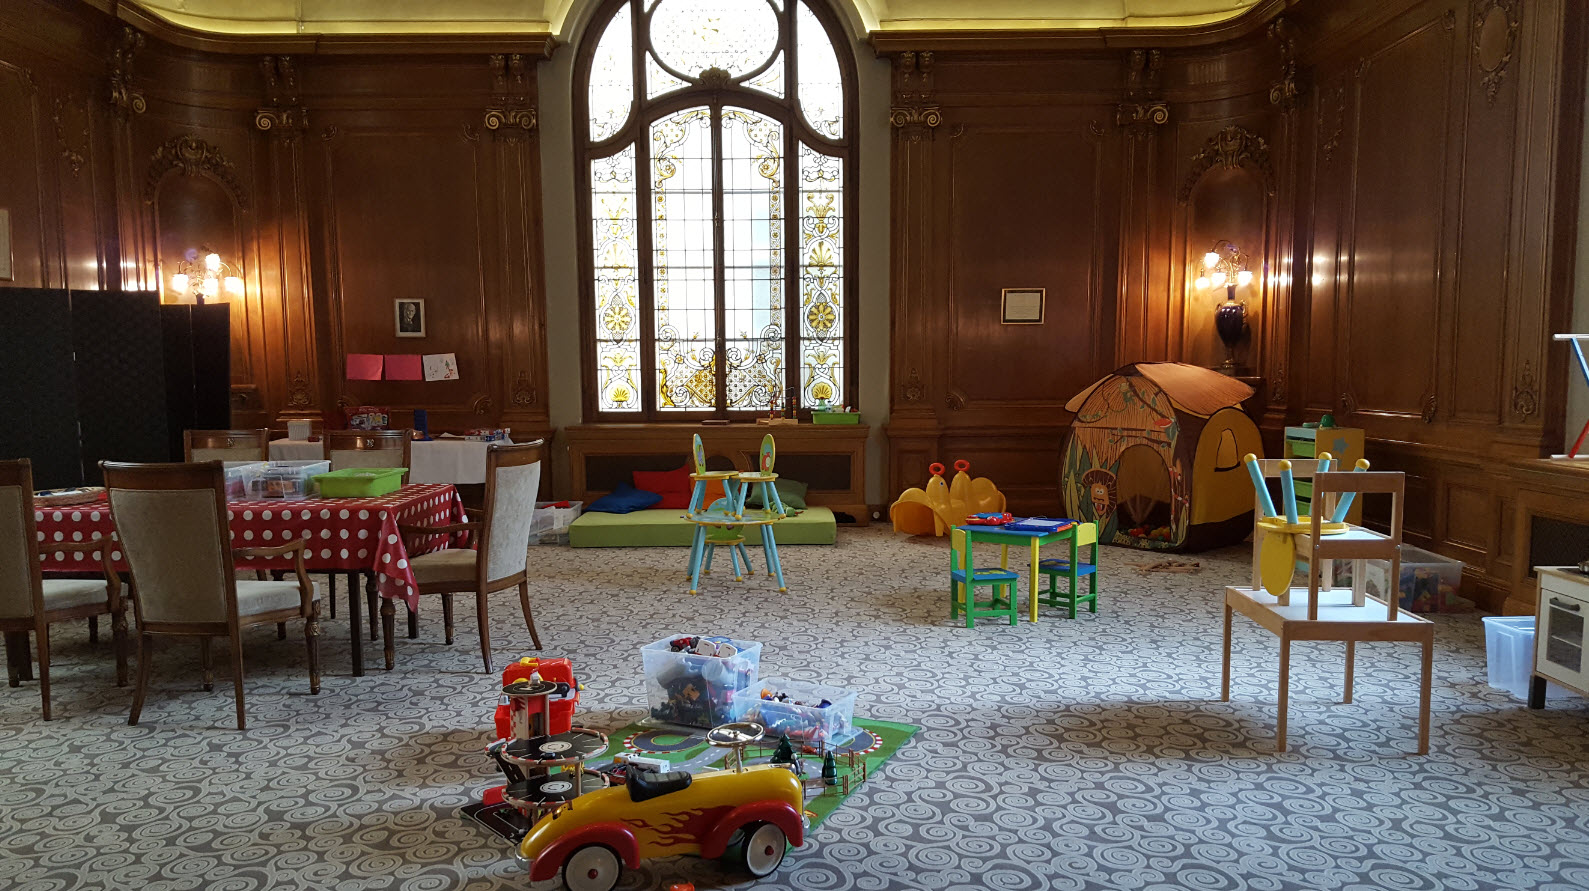 Salle de jeu pour enfant dans la salle rotary